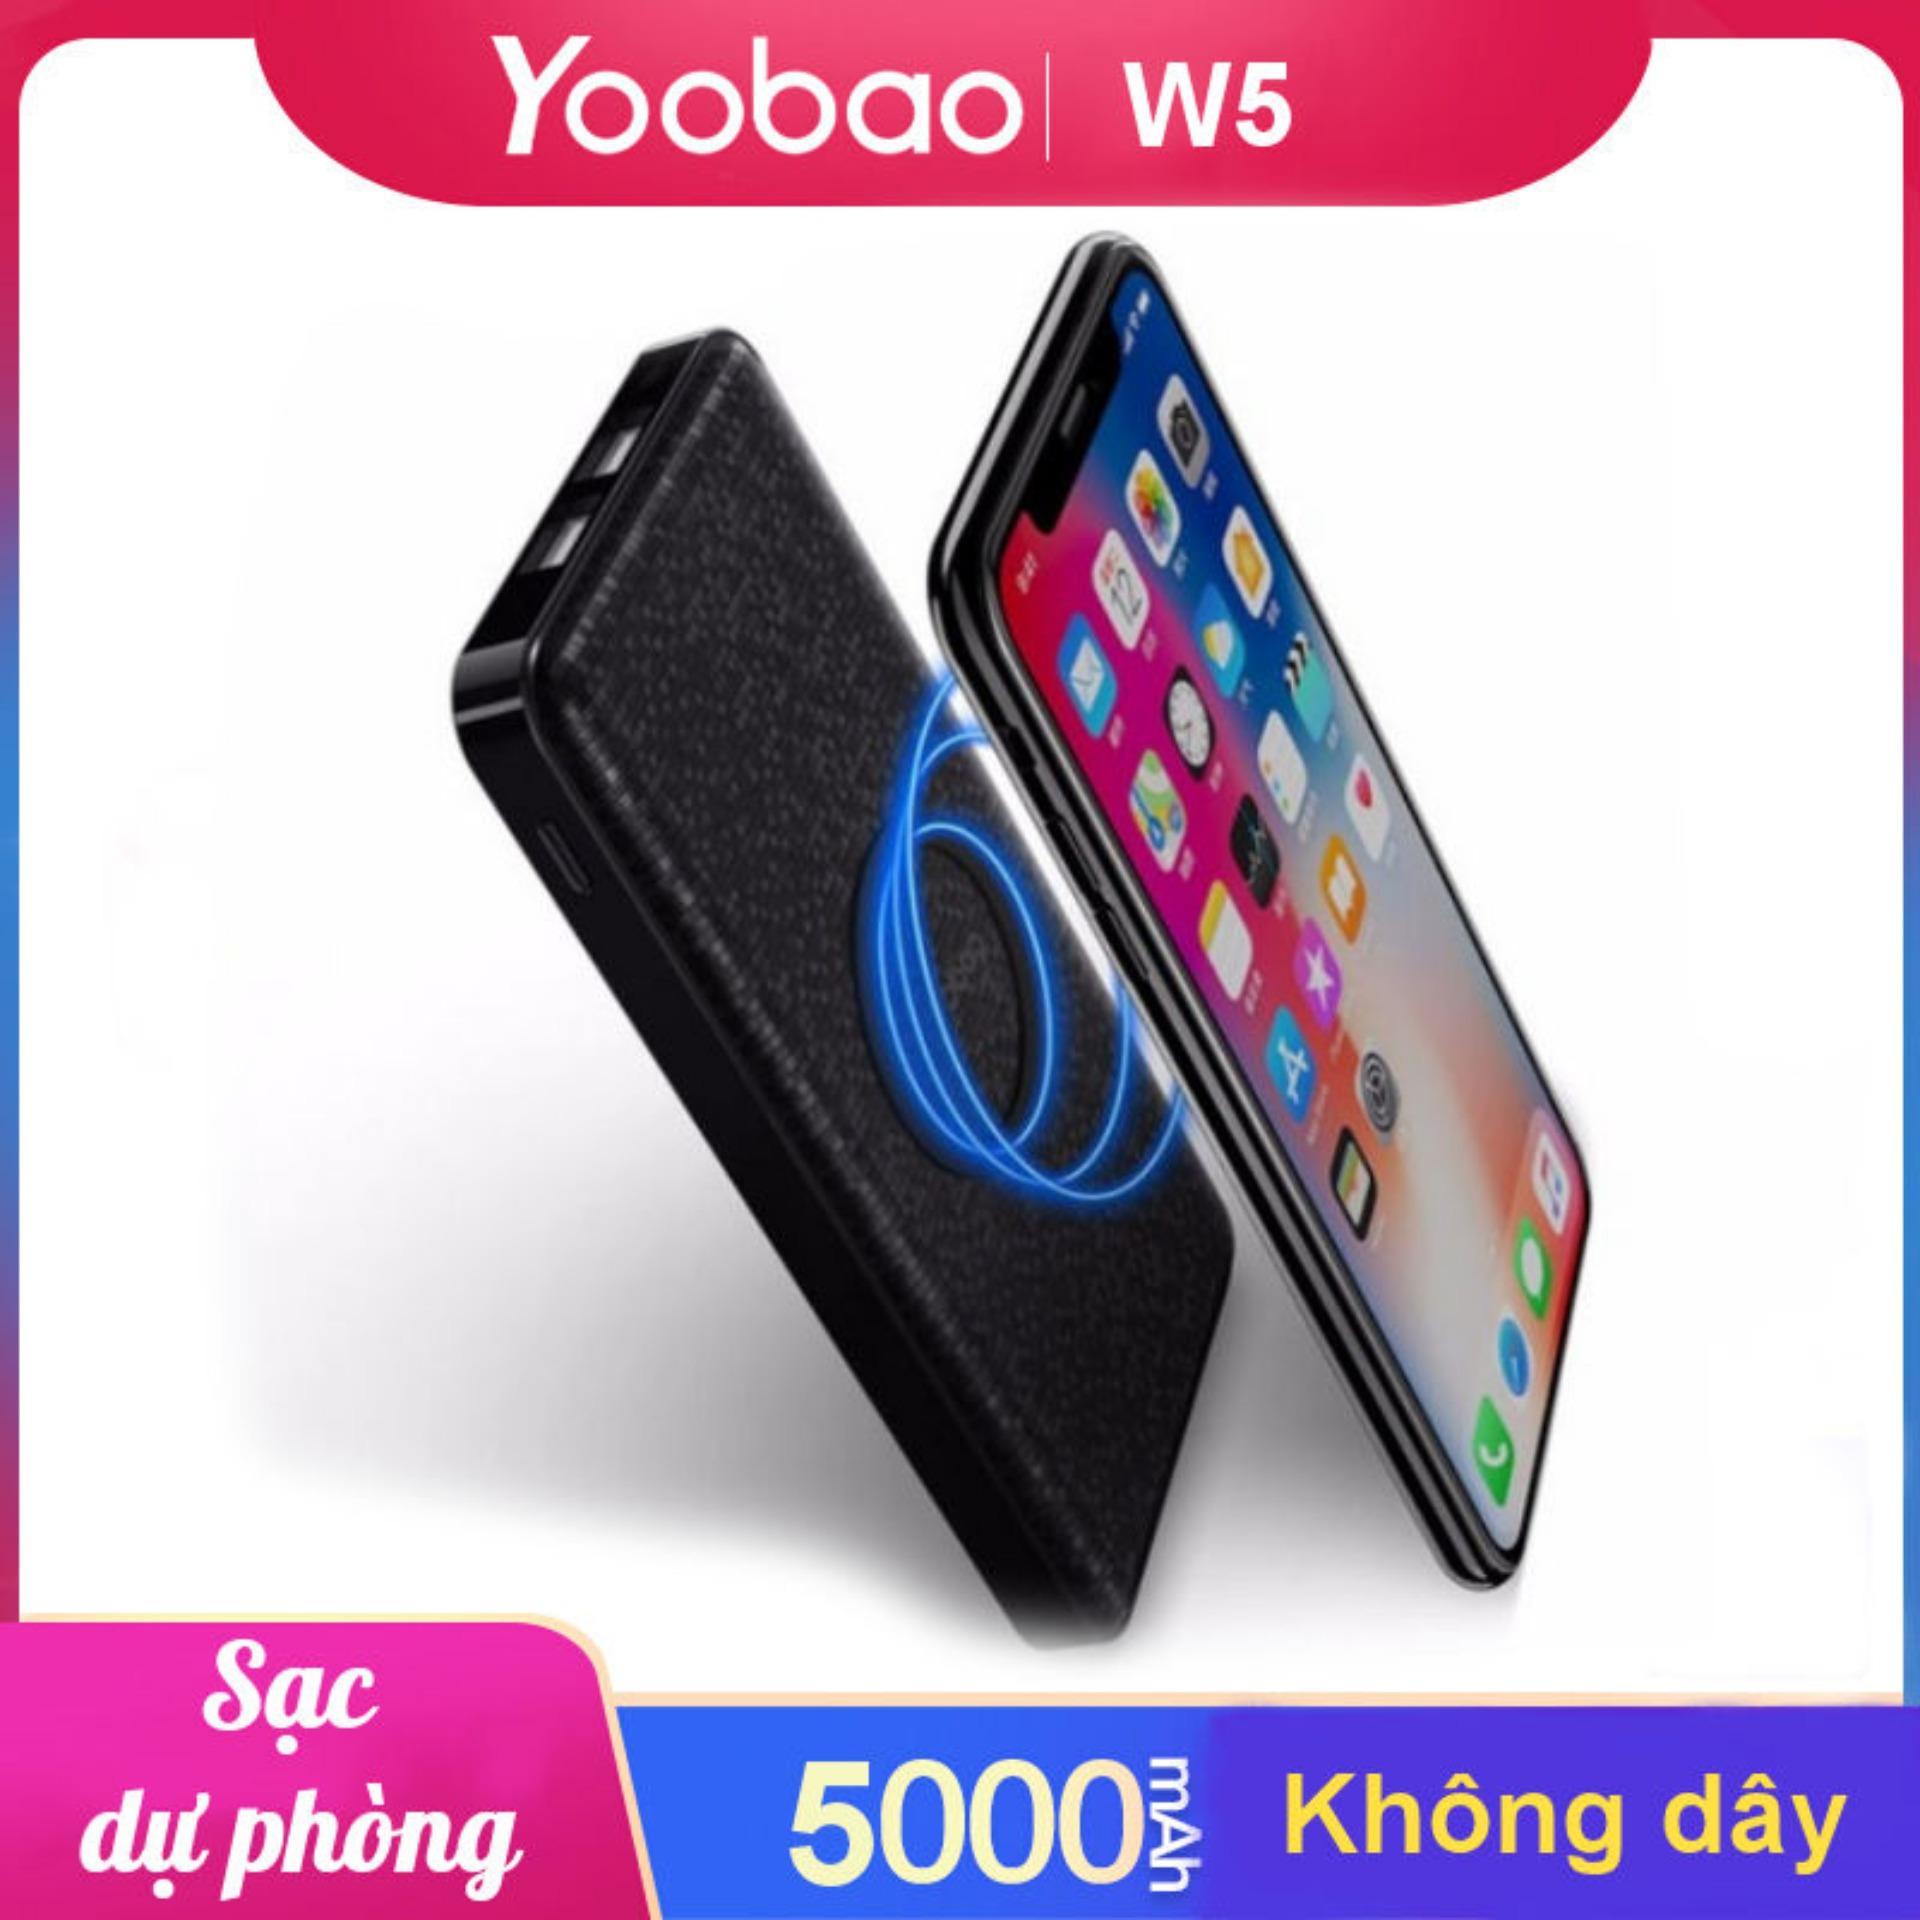 Sạc dự phòng không dây chính hãng YOOBAO W5 5000mAh cho iPhone X 8 Samsung S6 S7 S8 Qi phone...... - Hãng phân phối chính thức